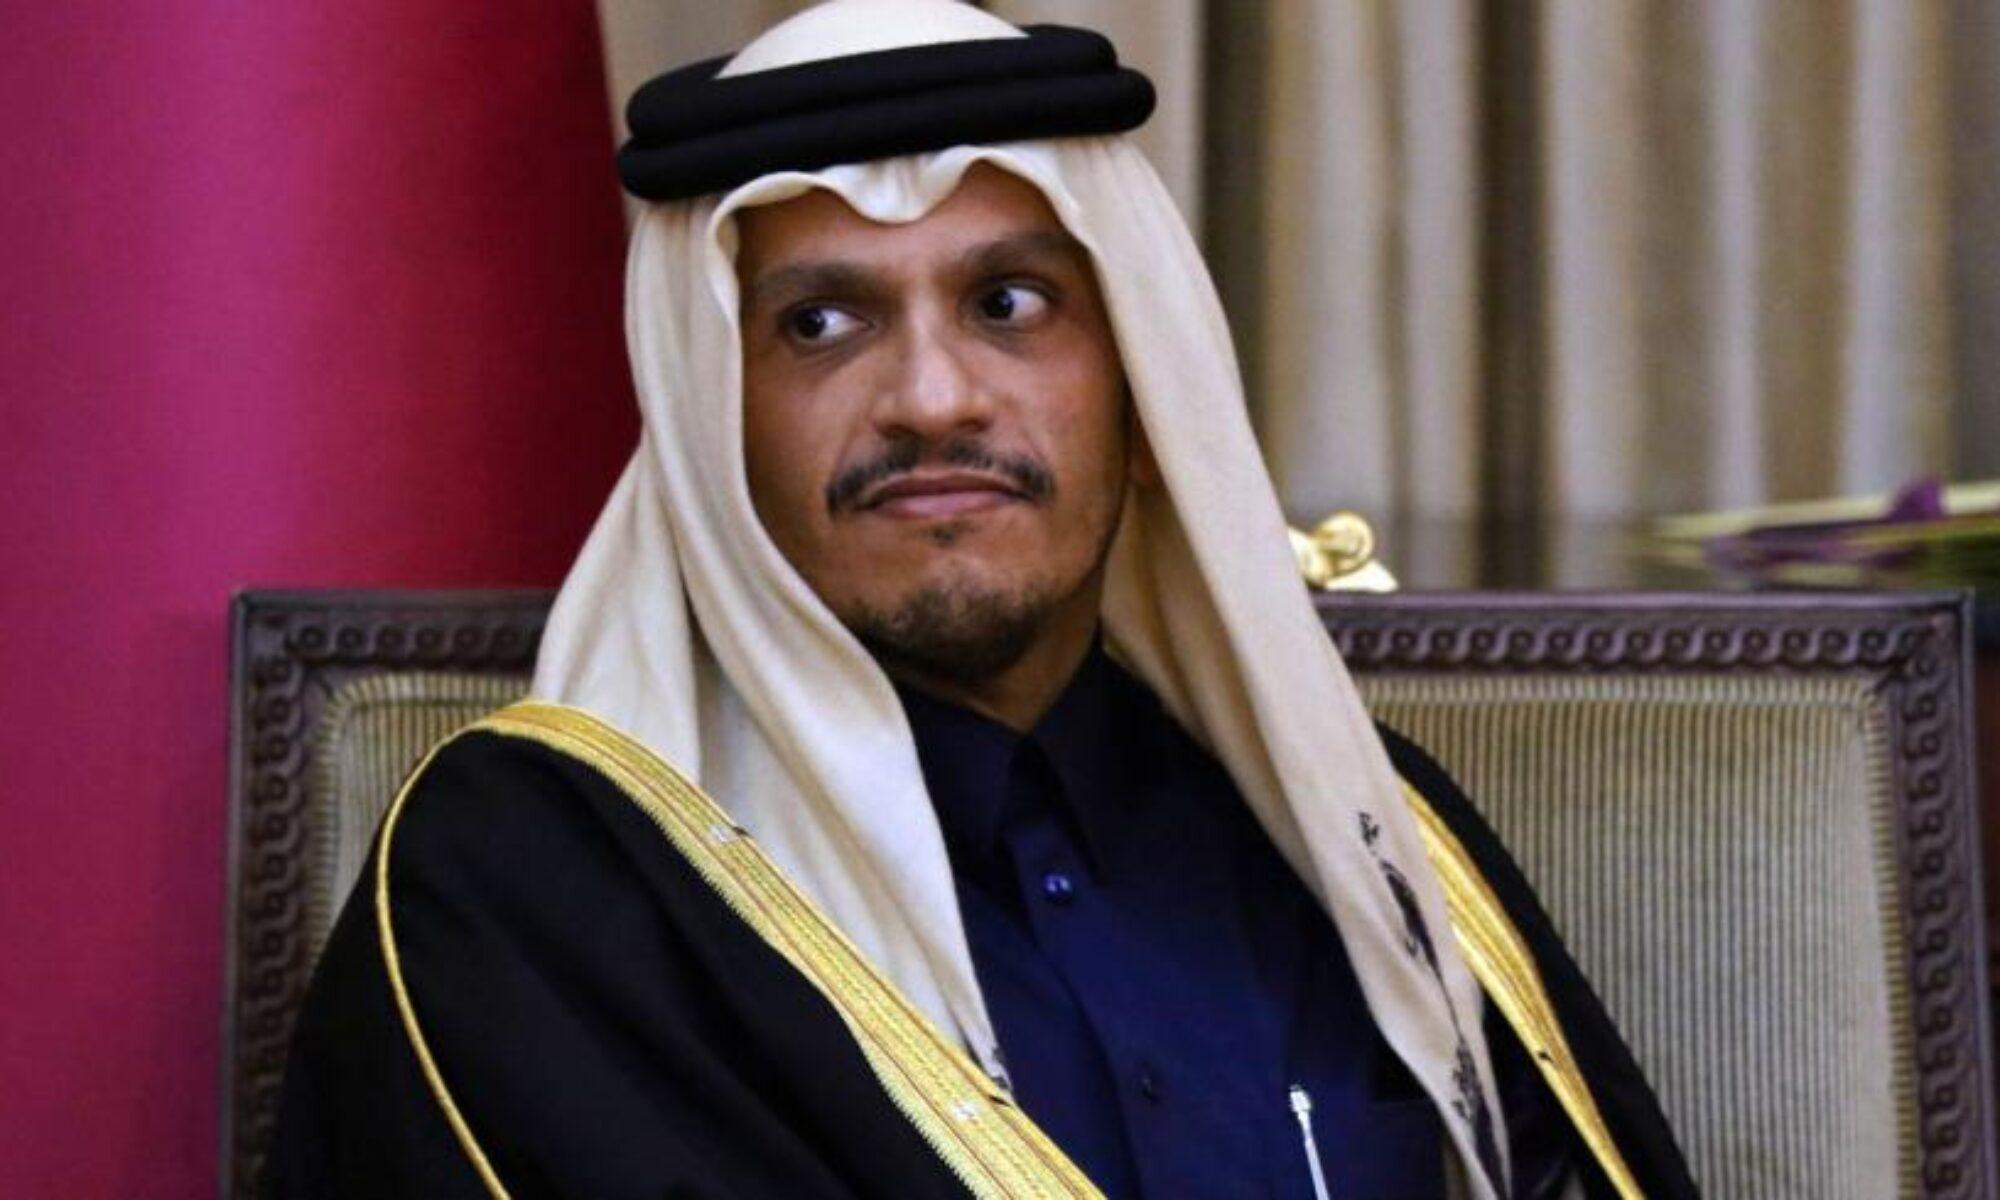 Katar Dışişleri Bakanı'nın Erbil'i ziyaret edecek, Katar Koslosluğu açılacak